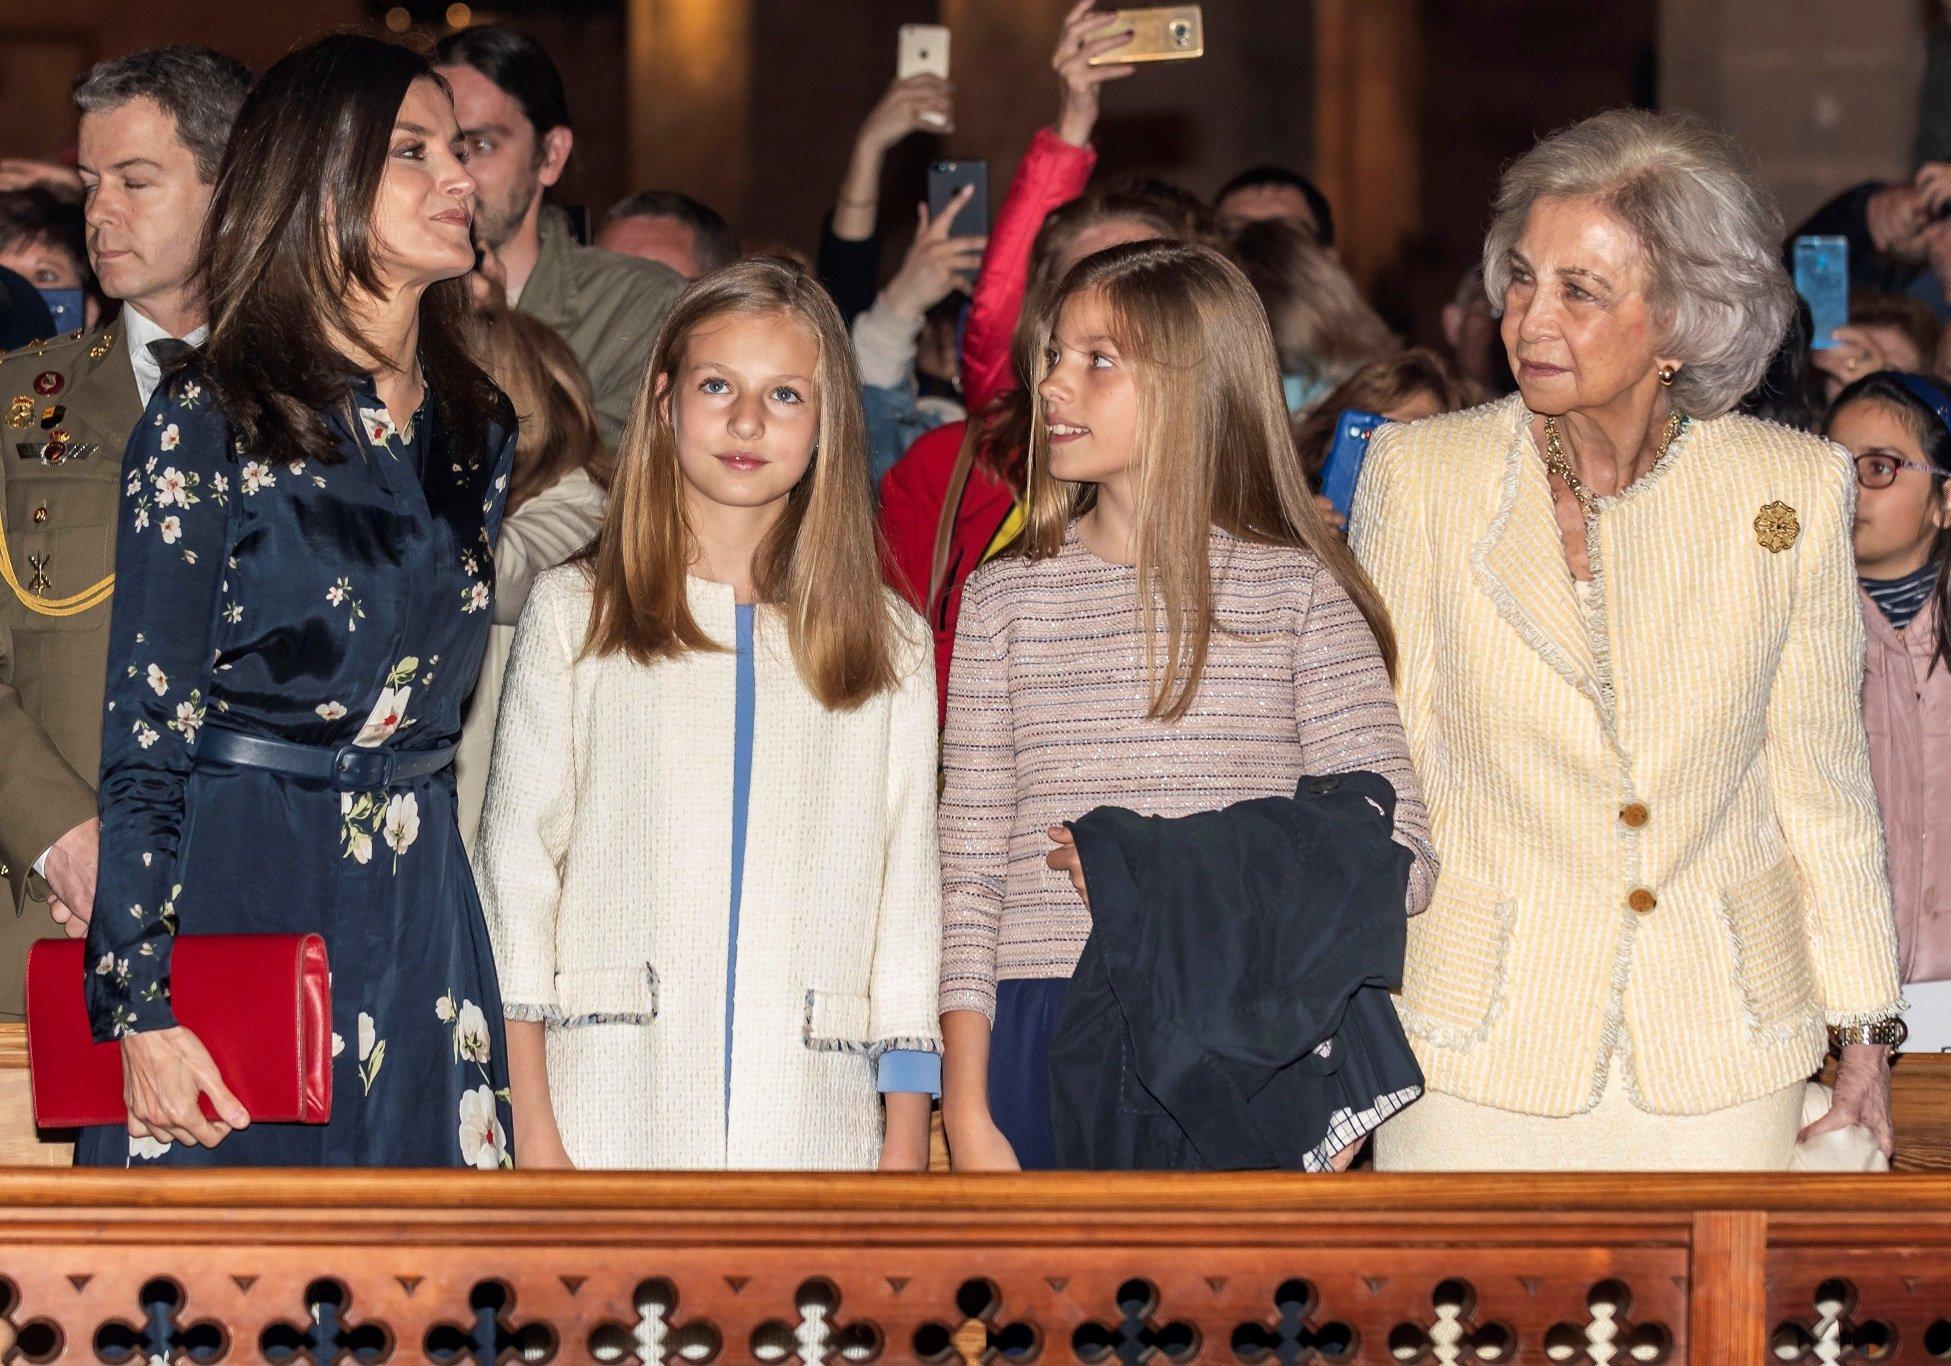 La Reina Letizia de España, la Princesa Leonor de España, la Princesa Sofía de España y la Reina Sofía de España en la misa de pascua de la Catedral de Palma de Mallorca en 2019. || Fuente: Getty Images